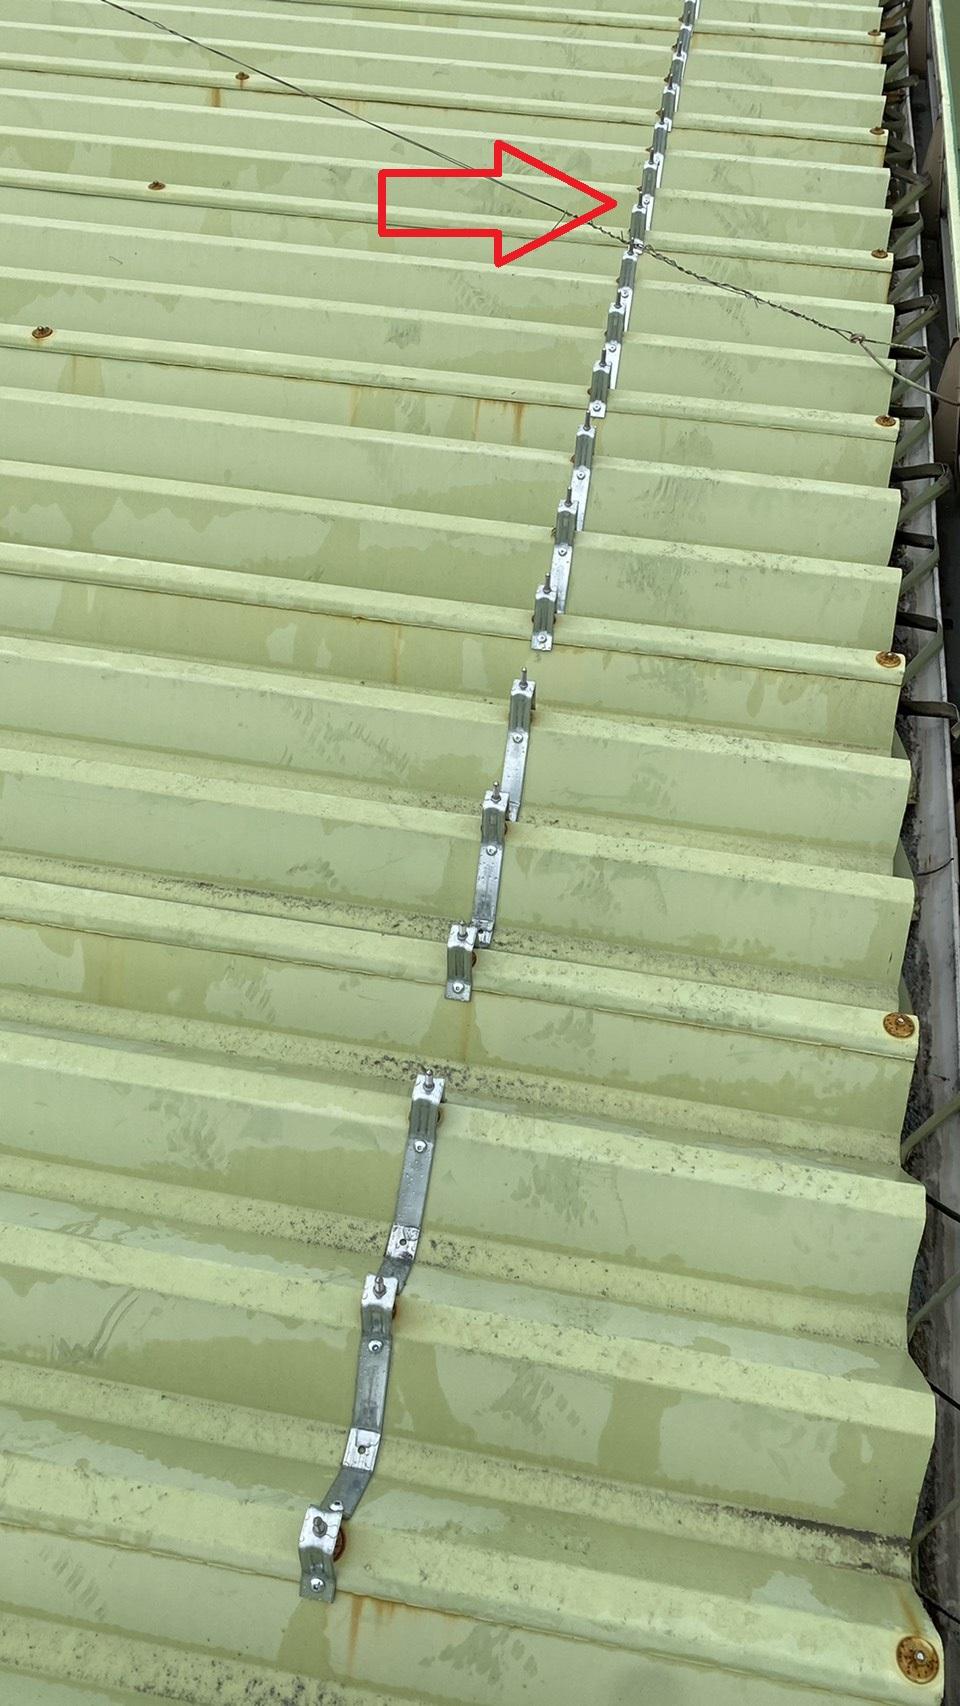 明石市での屋根工事で下地フレームを取り付けた様子